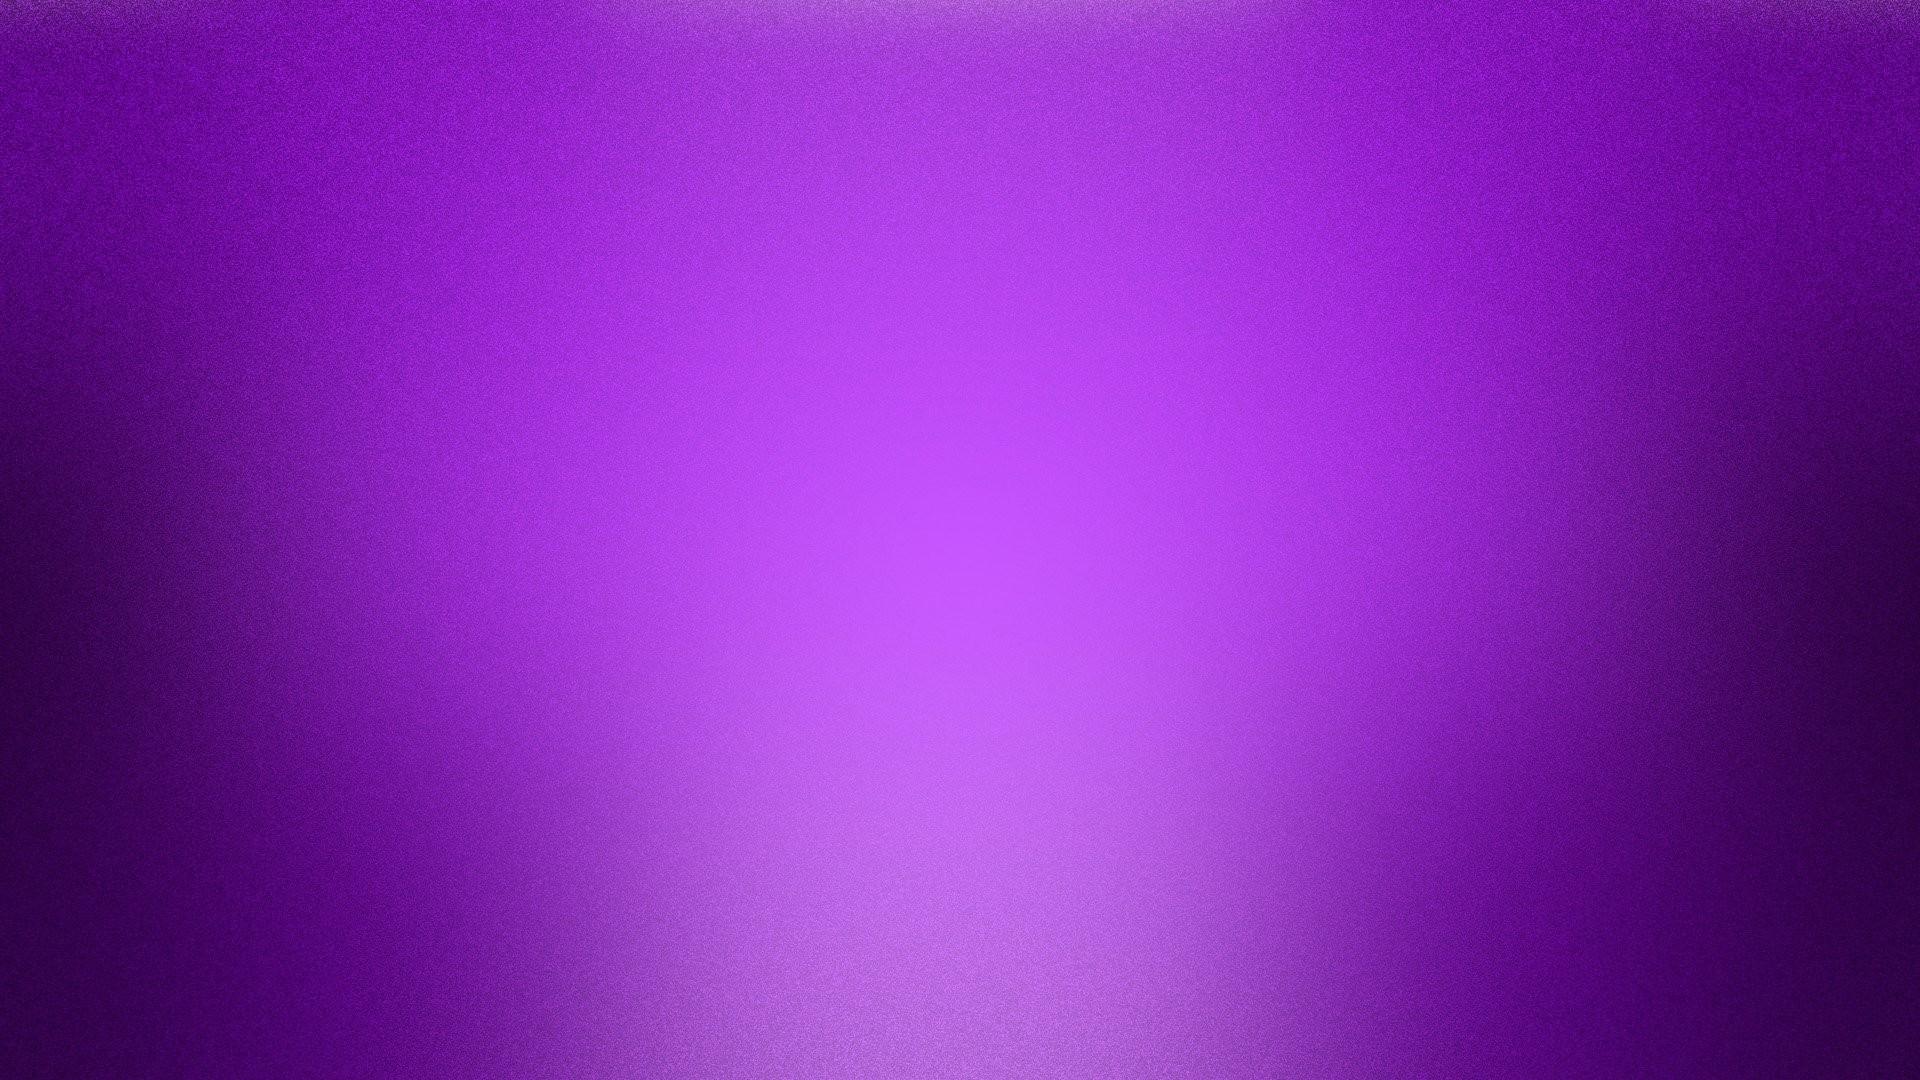 Purple wallpaper 8